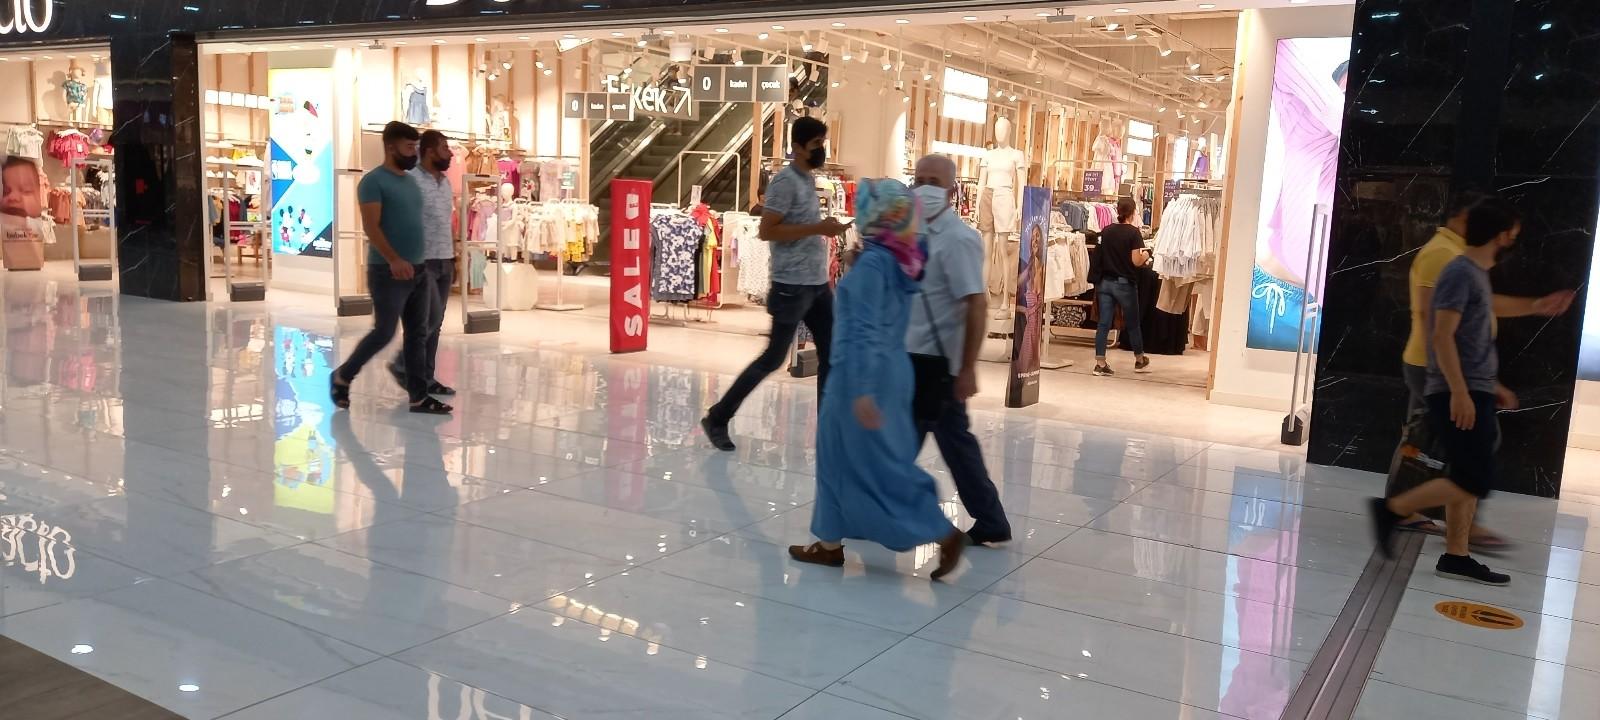 Alışveriş merkezlerinde bayram yoğunluğu